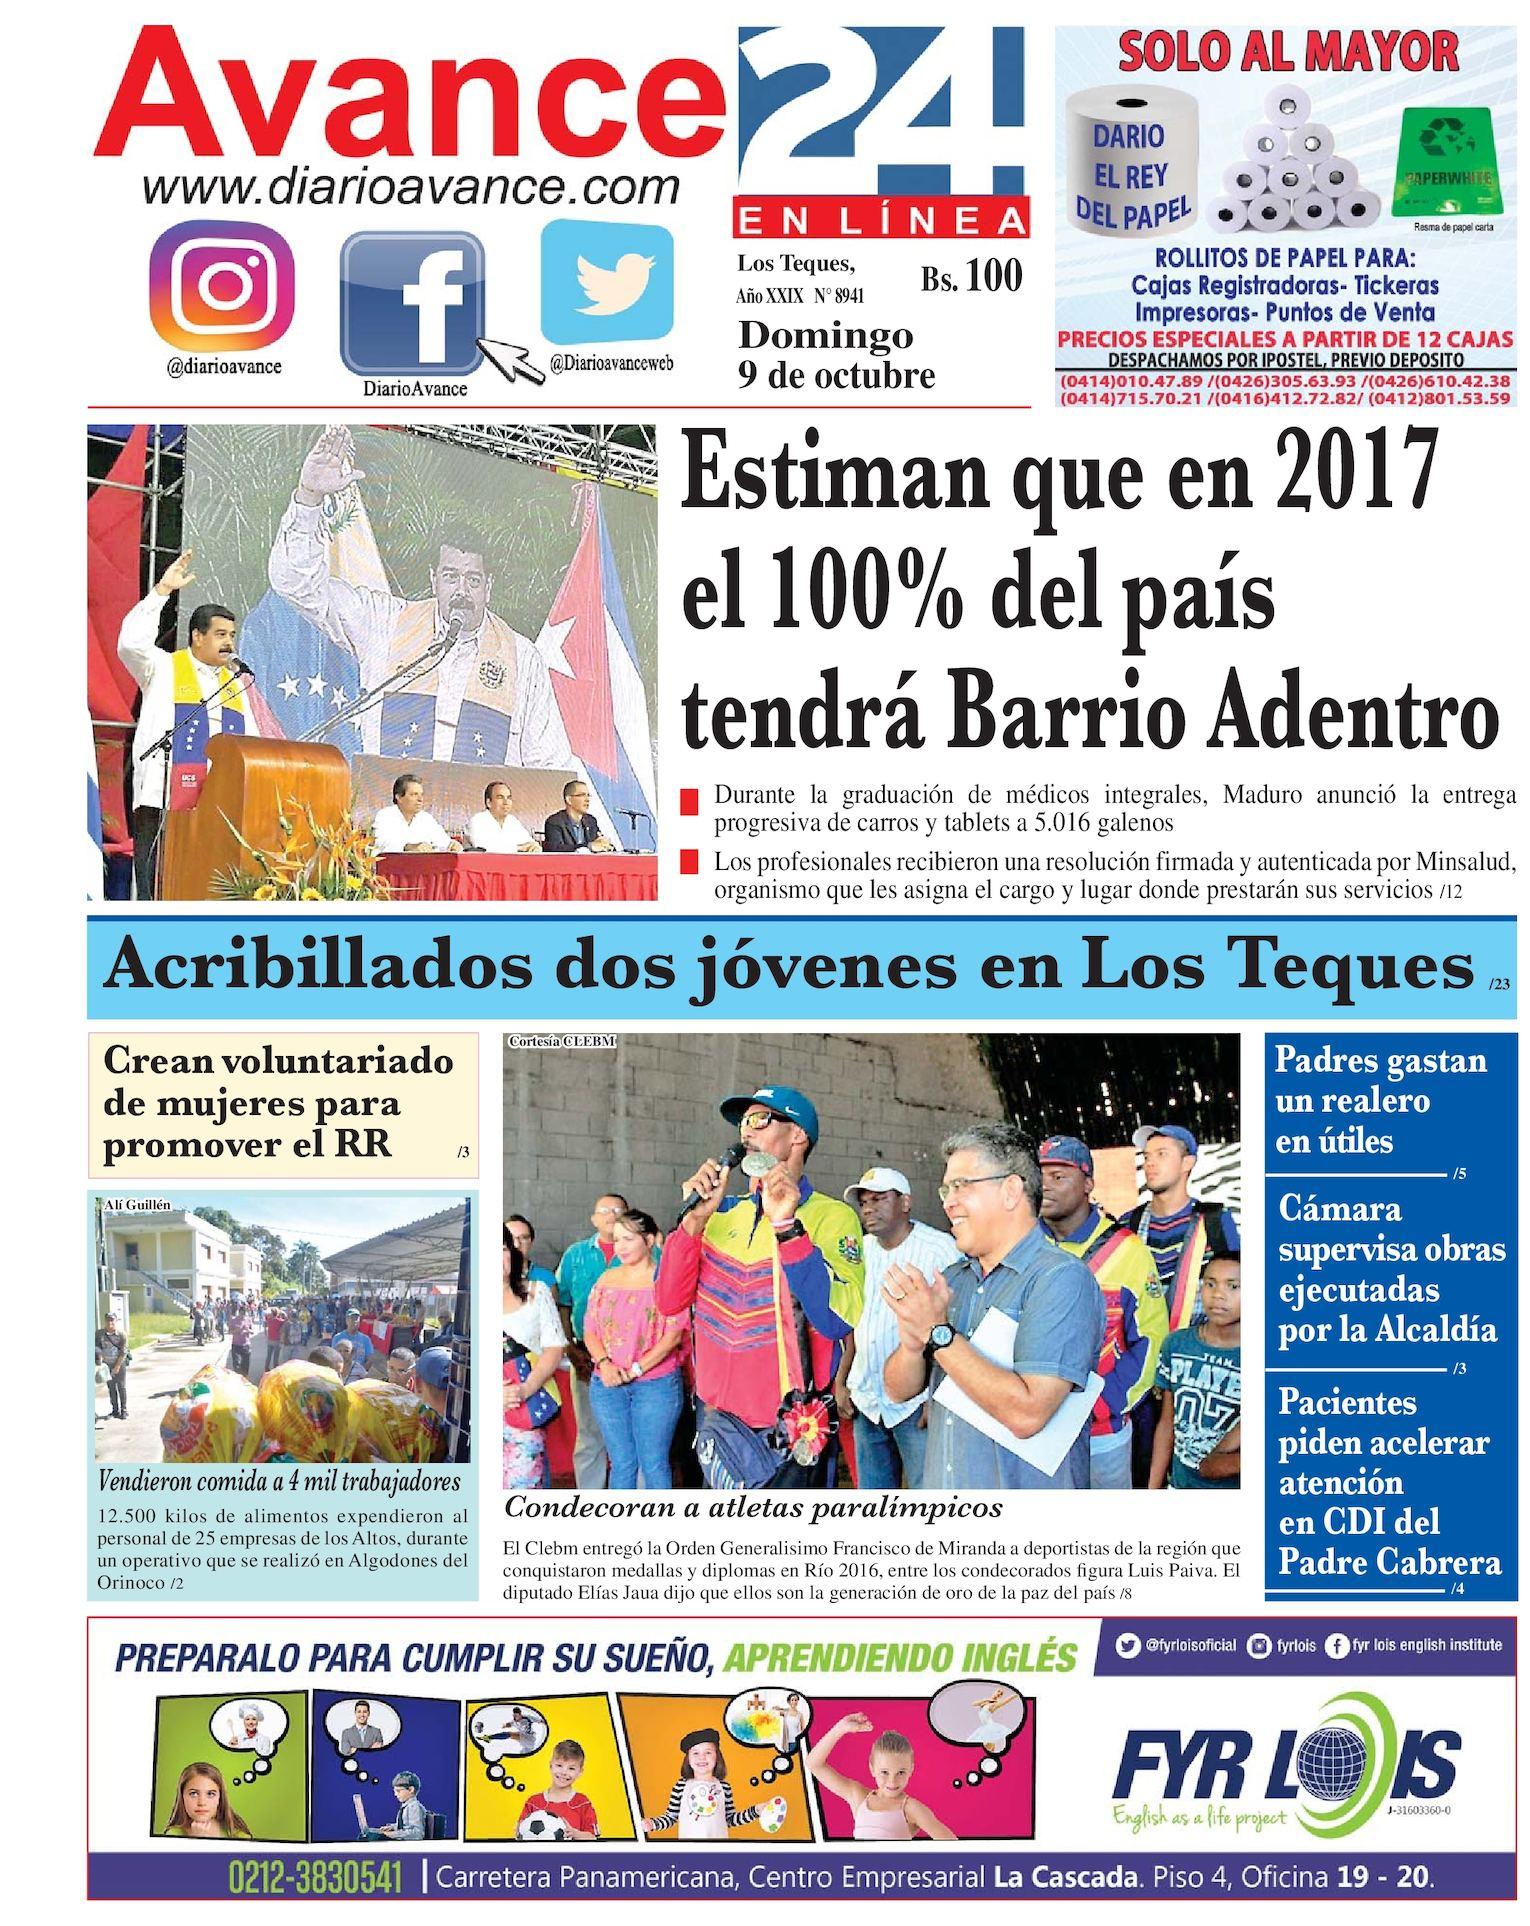 DATING APP PARA LOS HOMBRES CASADOS MAYORES DE 40 GRANADA